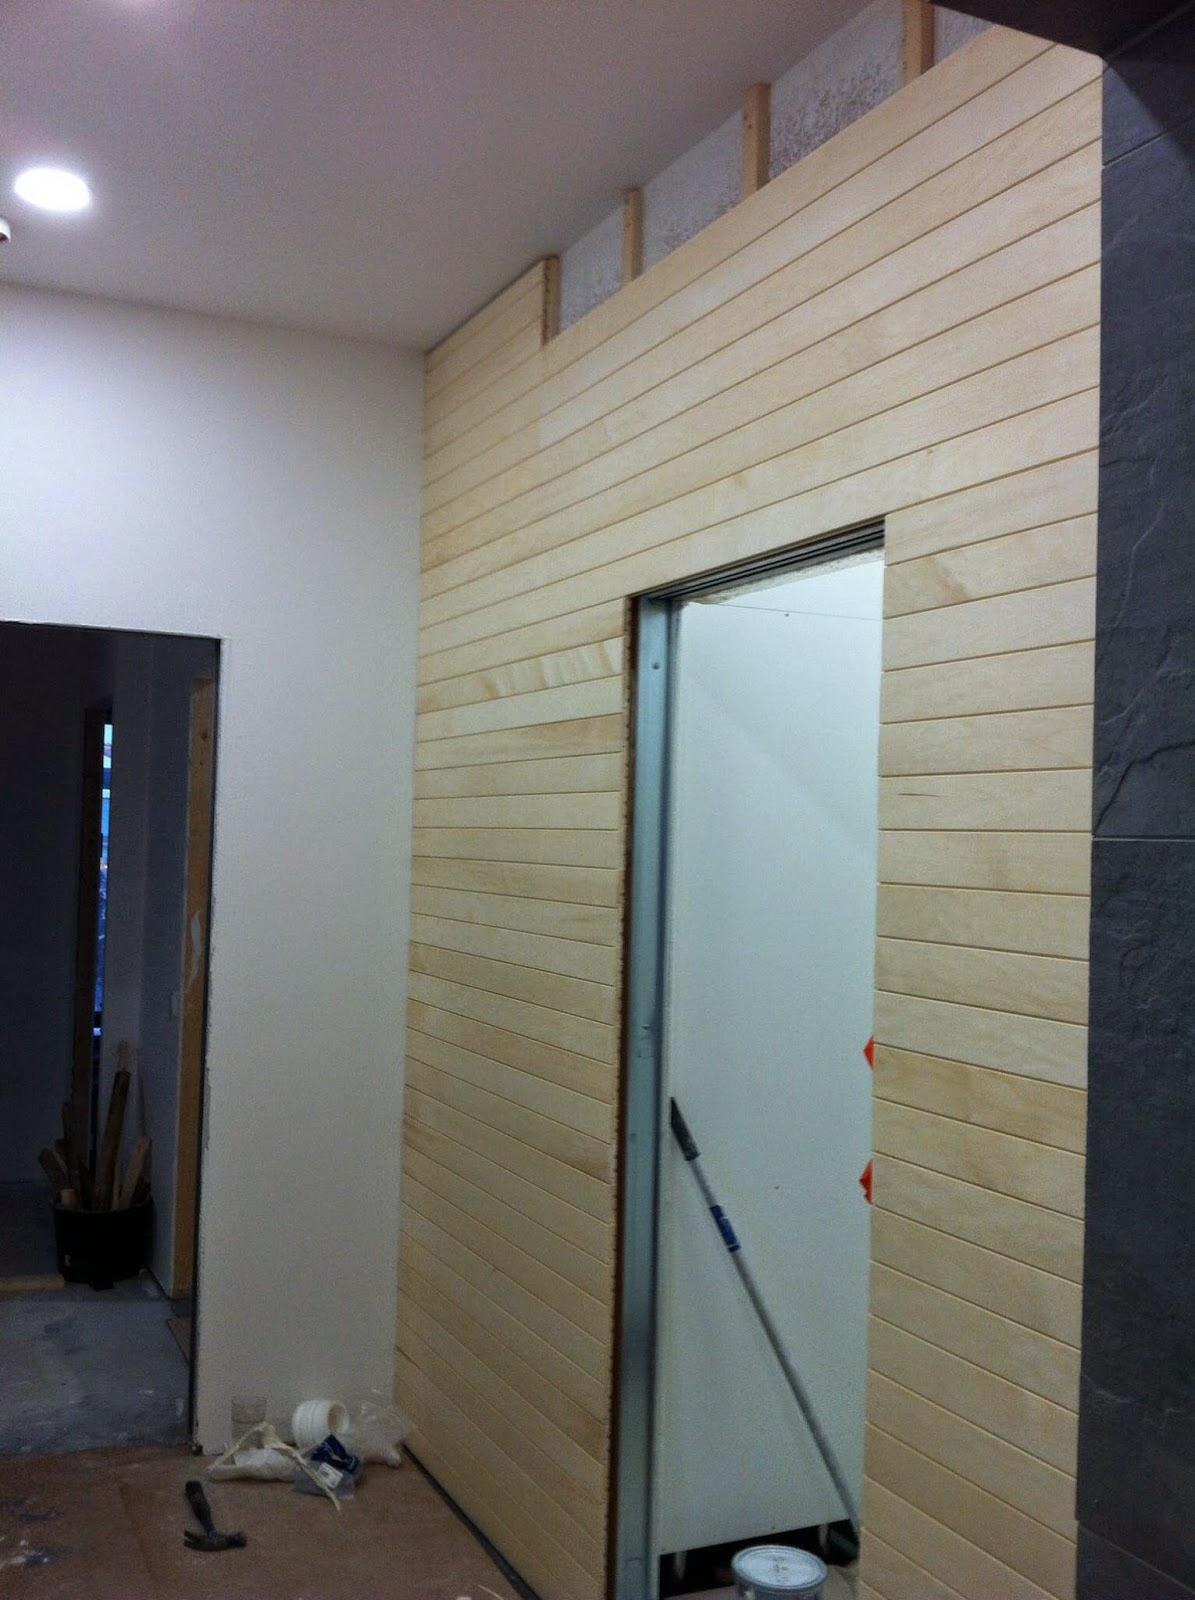 Pukuhuoneen seinät